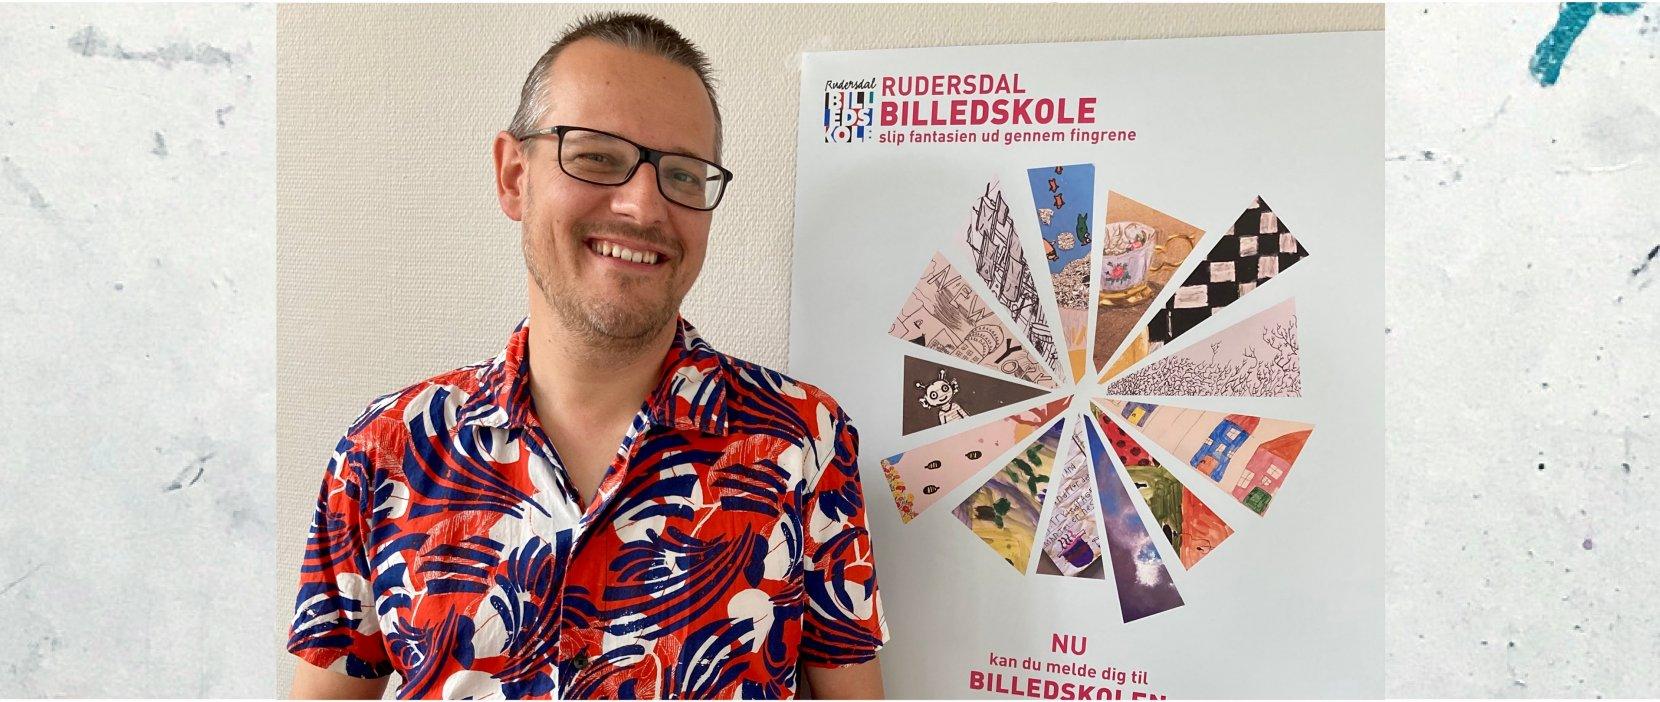 Henrik Lilleholt Smidt